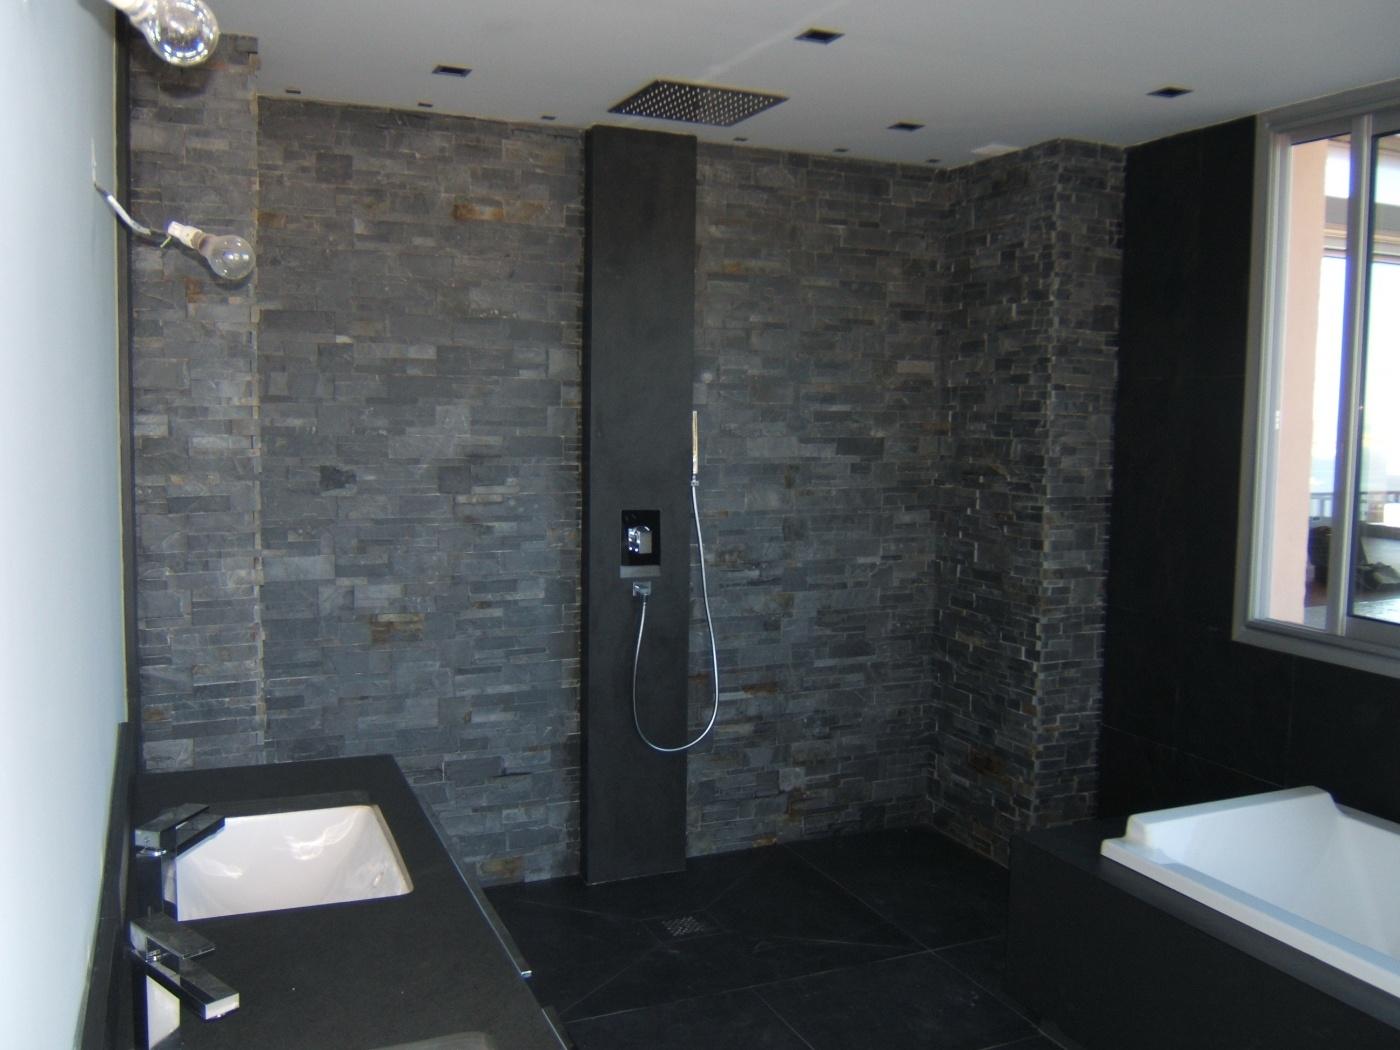 Salle de bains en Ardoise noire 60x60 Receveur de douche, plan vasque et habillage de baignoire sur mesure